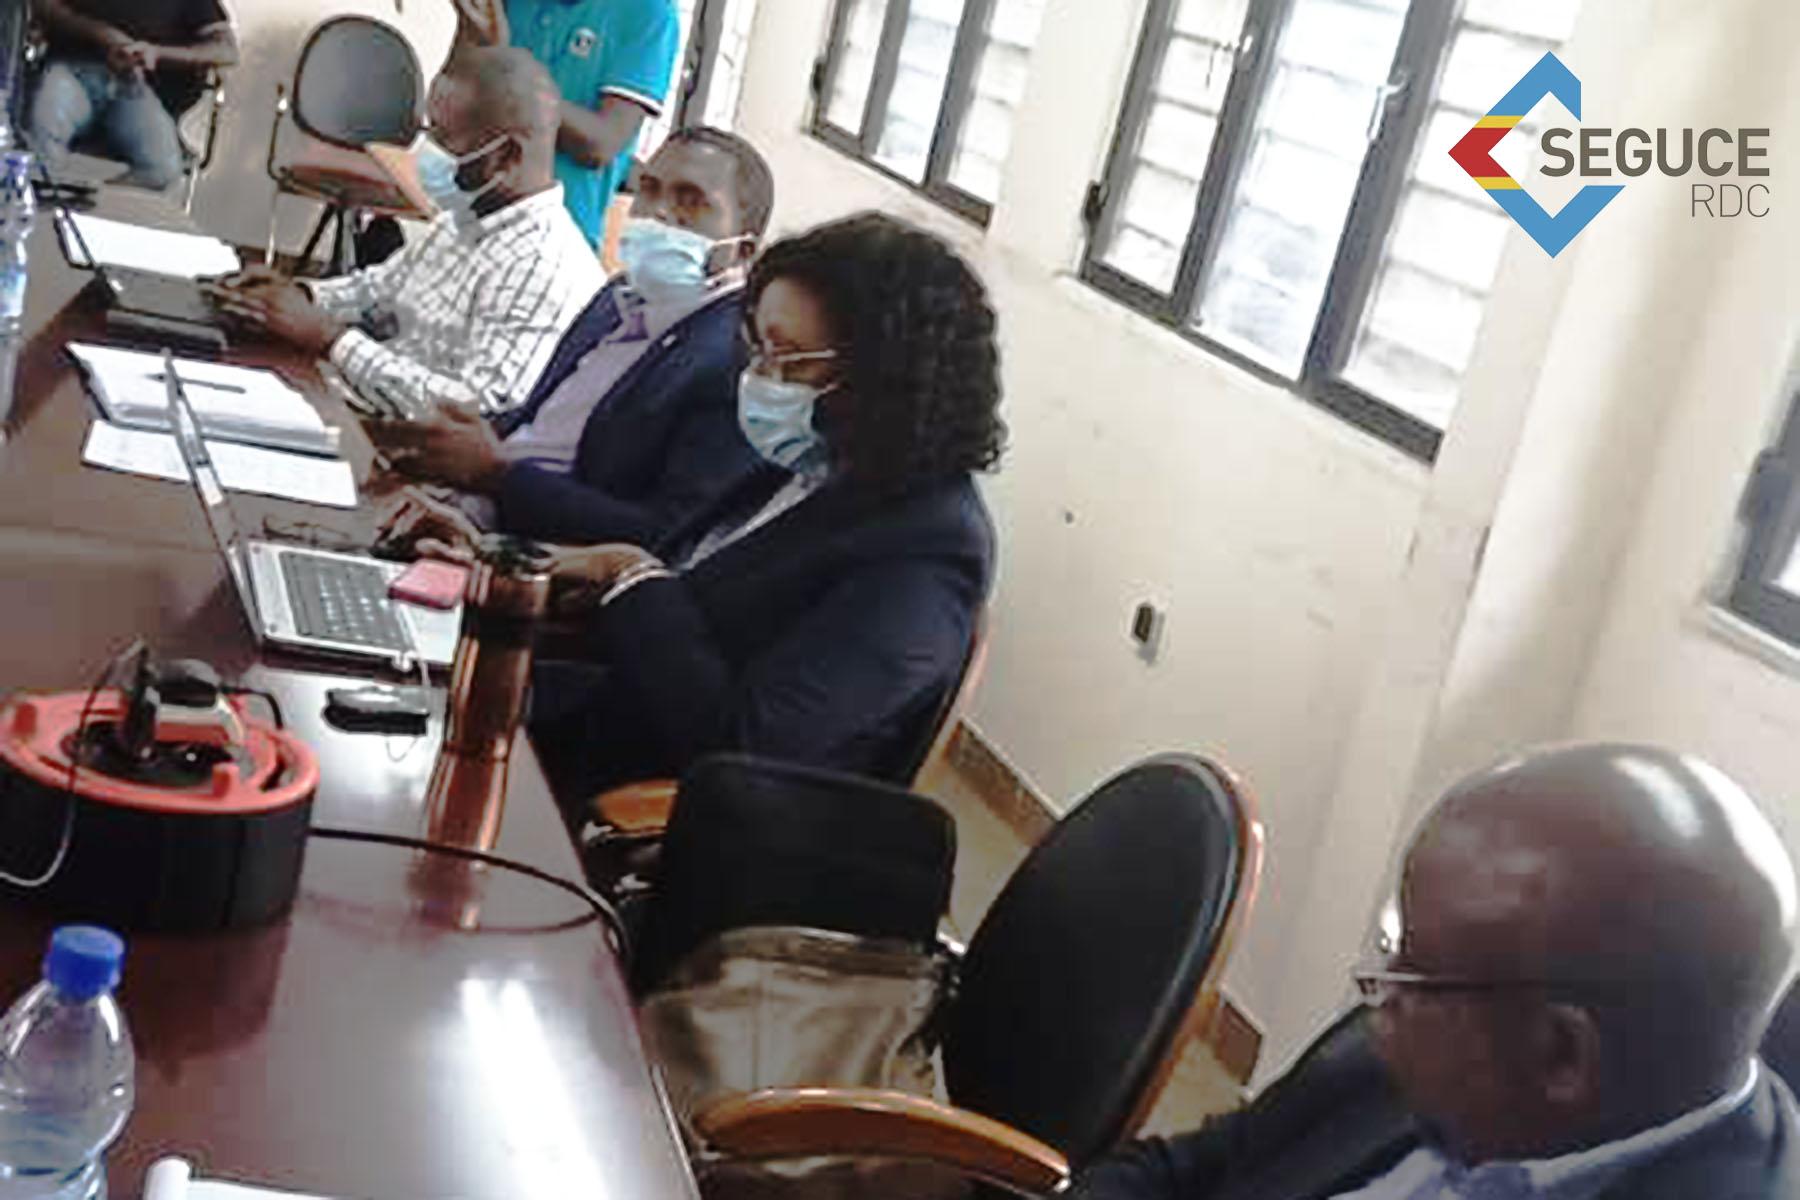 PRÉSENTATION DE LA PLATEFORME DE GESTION INFORMATISÉE DE LA CITES (CMIS) A SEGUCE RDC